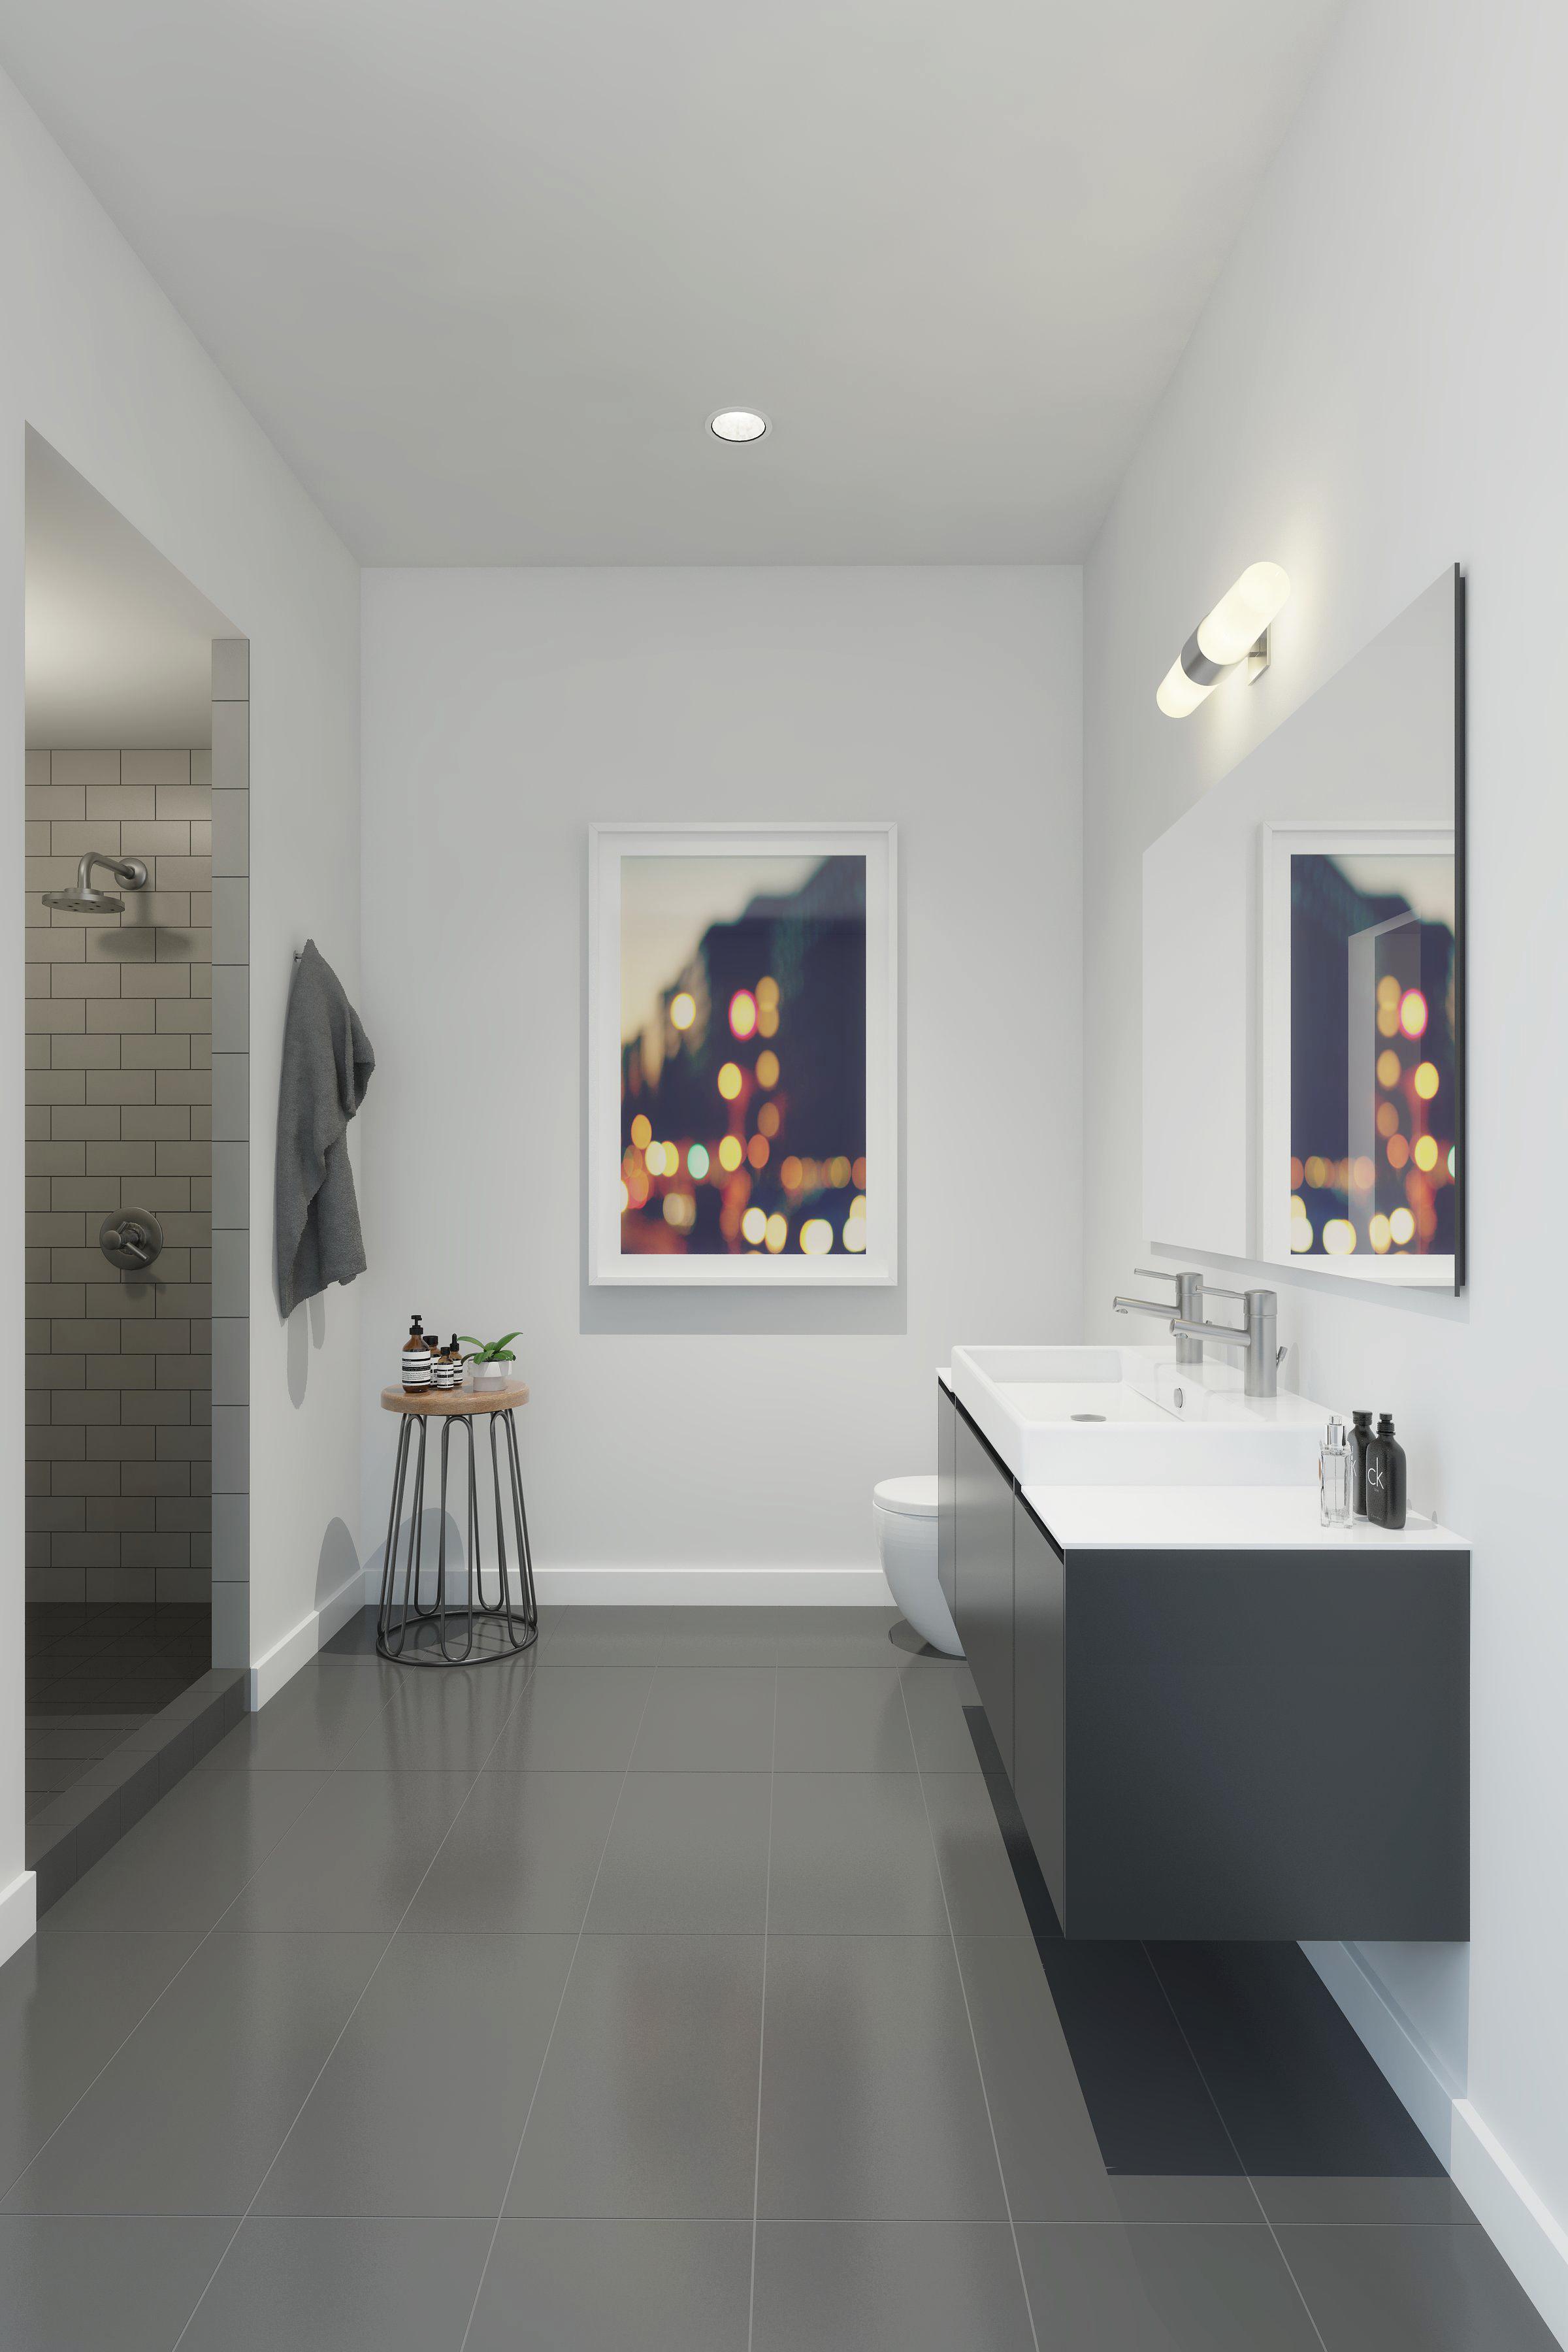 Unit 202_Bathroom_Final_2-1-17.jpg